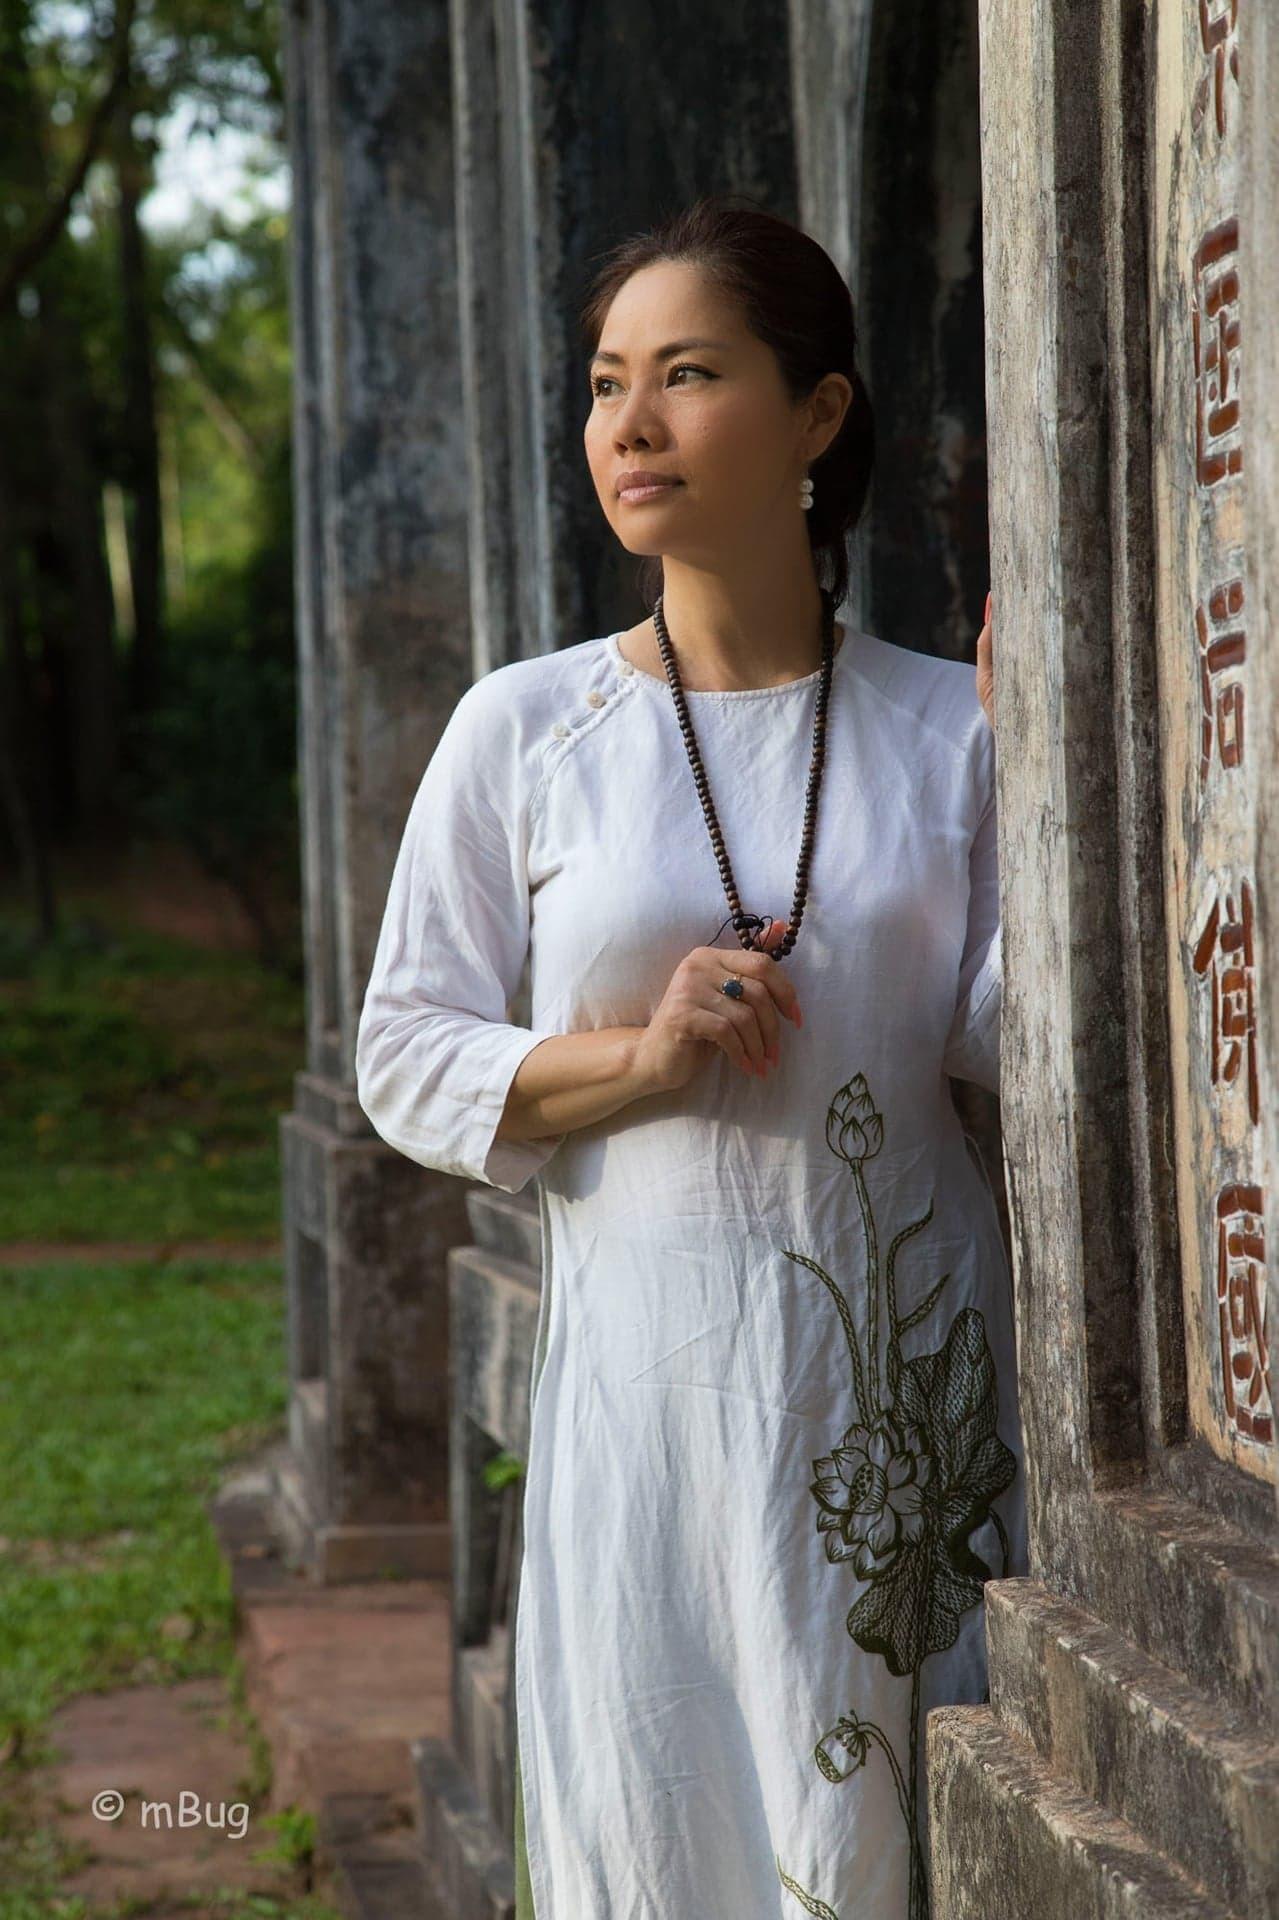 Hồ Lệ Thu: Tôi sốc khi bị ngoại tình ngay đêm tân hôn!